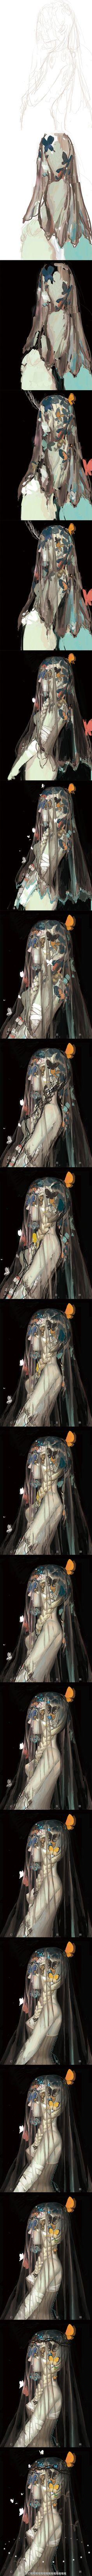 陌上`灵归采集到绘画(148图)_花瓣动漫